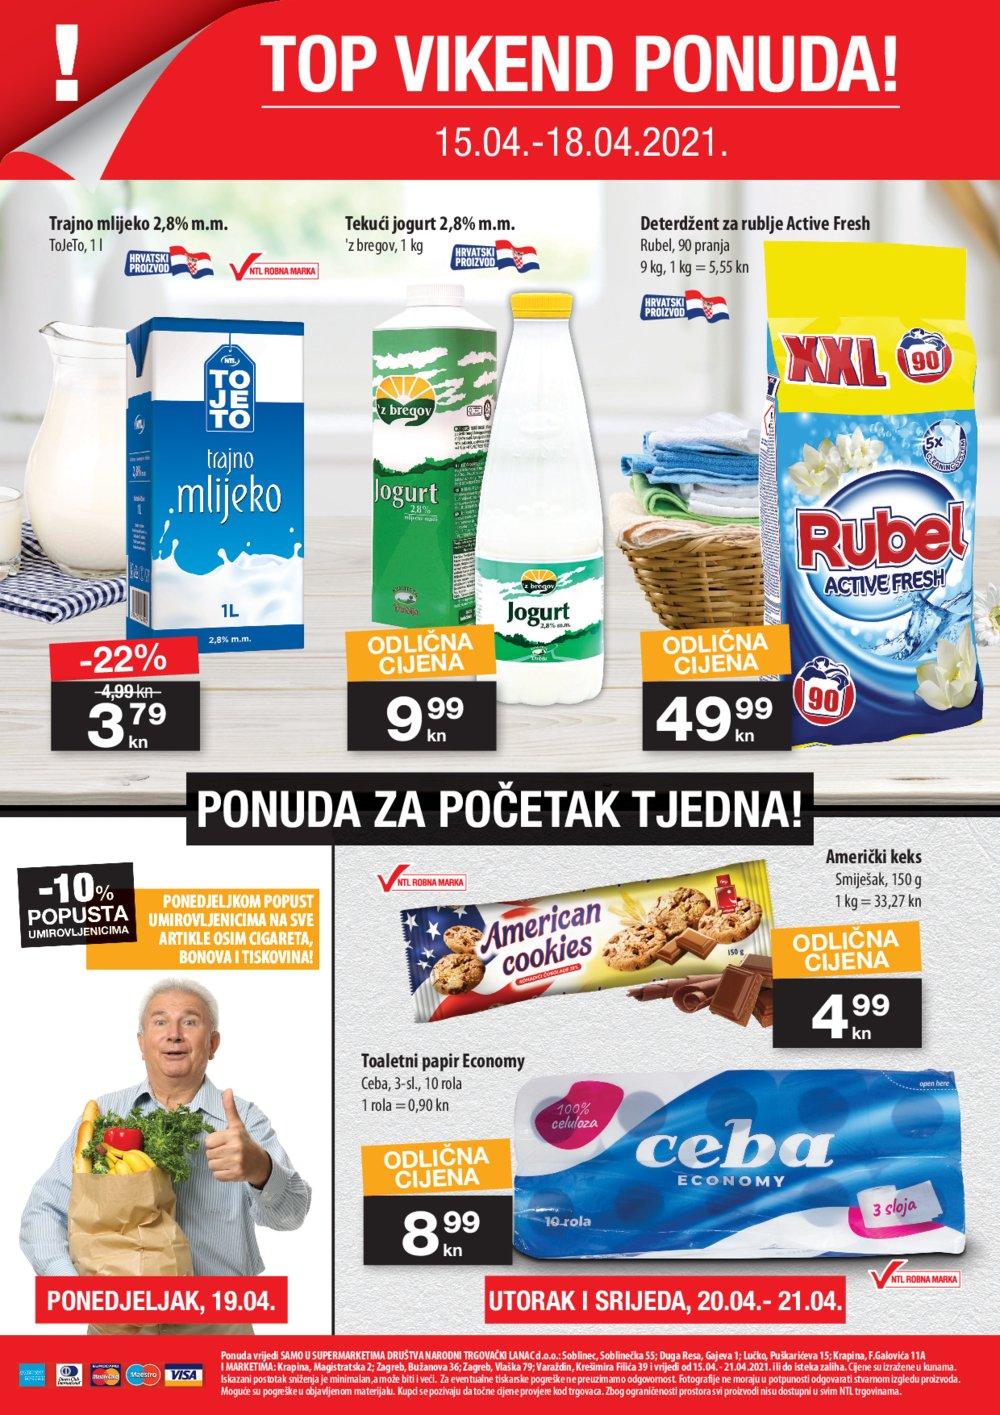 NTL katalog Akcija 15.04.-21.04.2021. Soblinec, Duga Resa, Lučko, Krapina, Zagreb, Varaždin